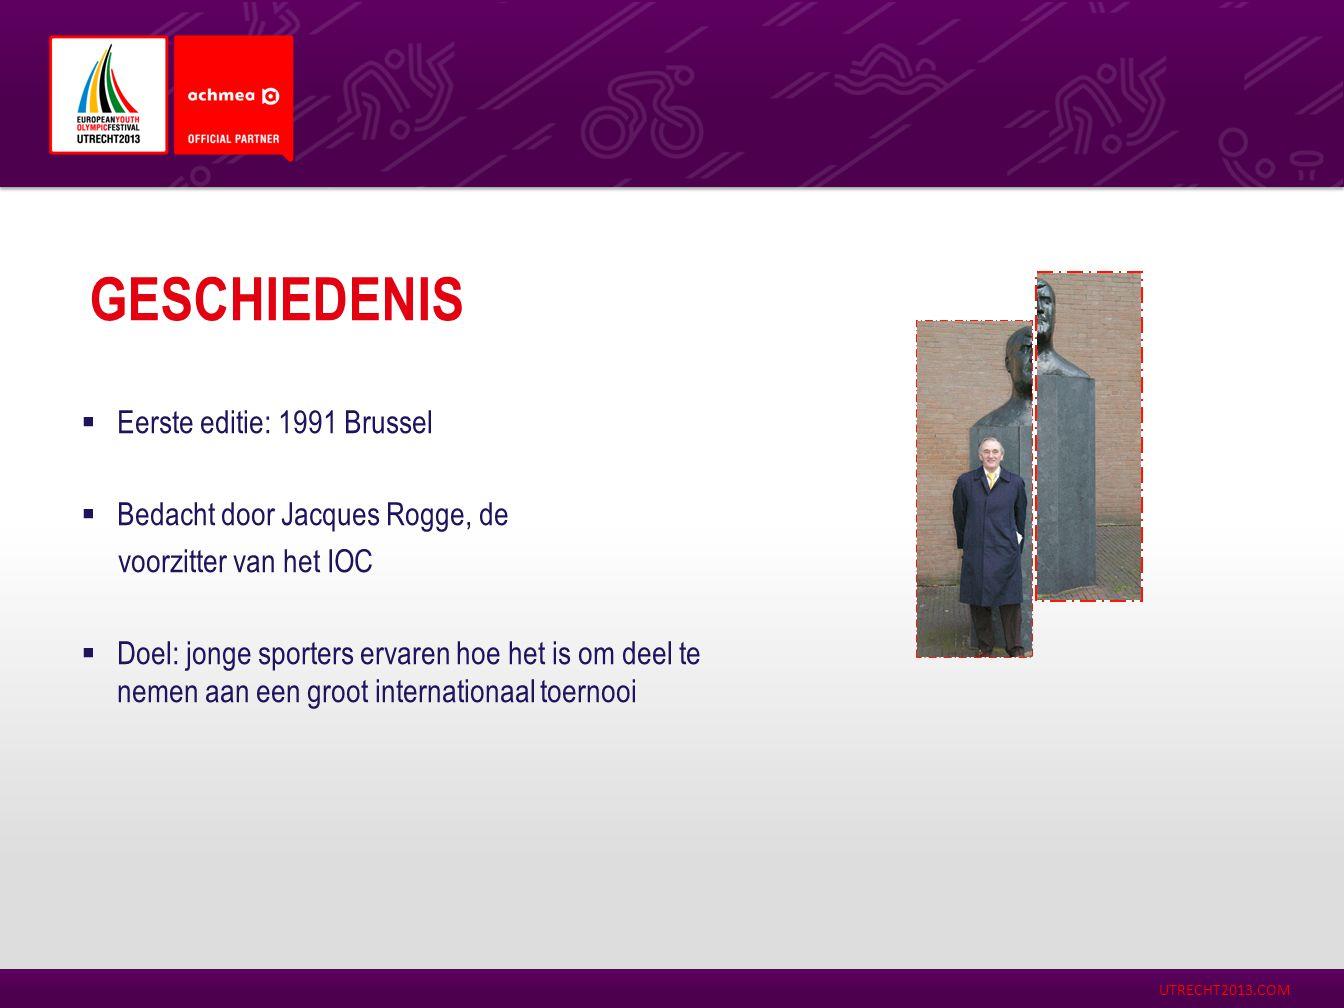 UTRECHT2013.COM  Eerste editie: 1991 Brussel  Bedacht door Jacques Rogge, de voorzitter van het IOC  Doel: jonge sporters ervaren hoe het is om dee